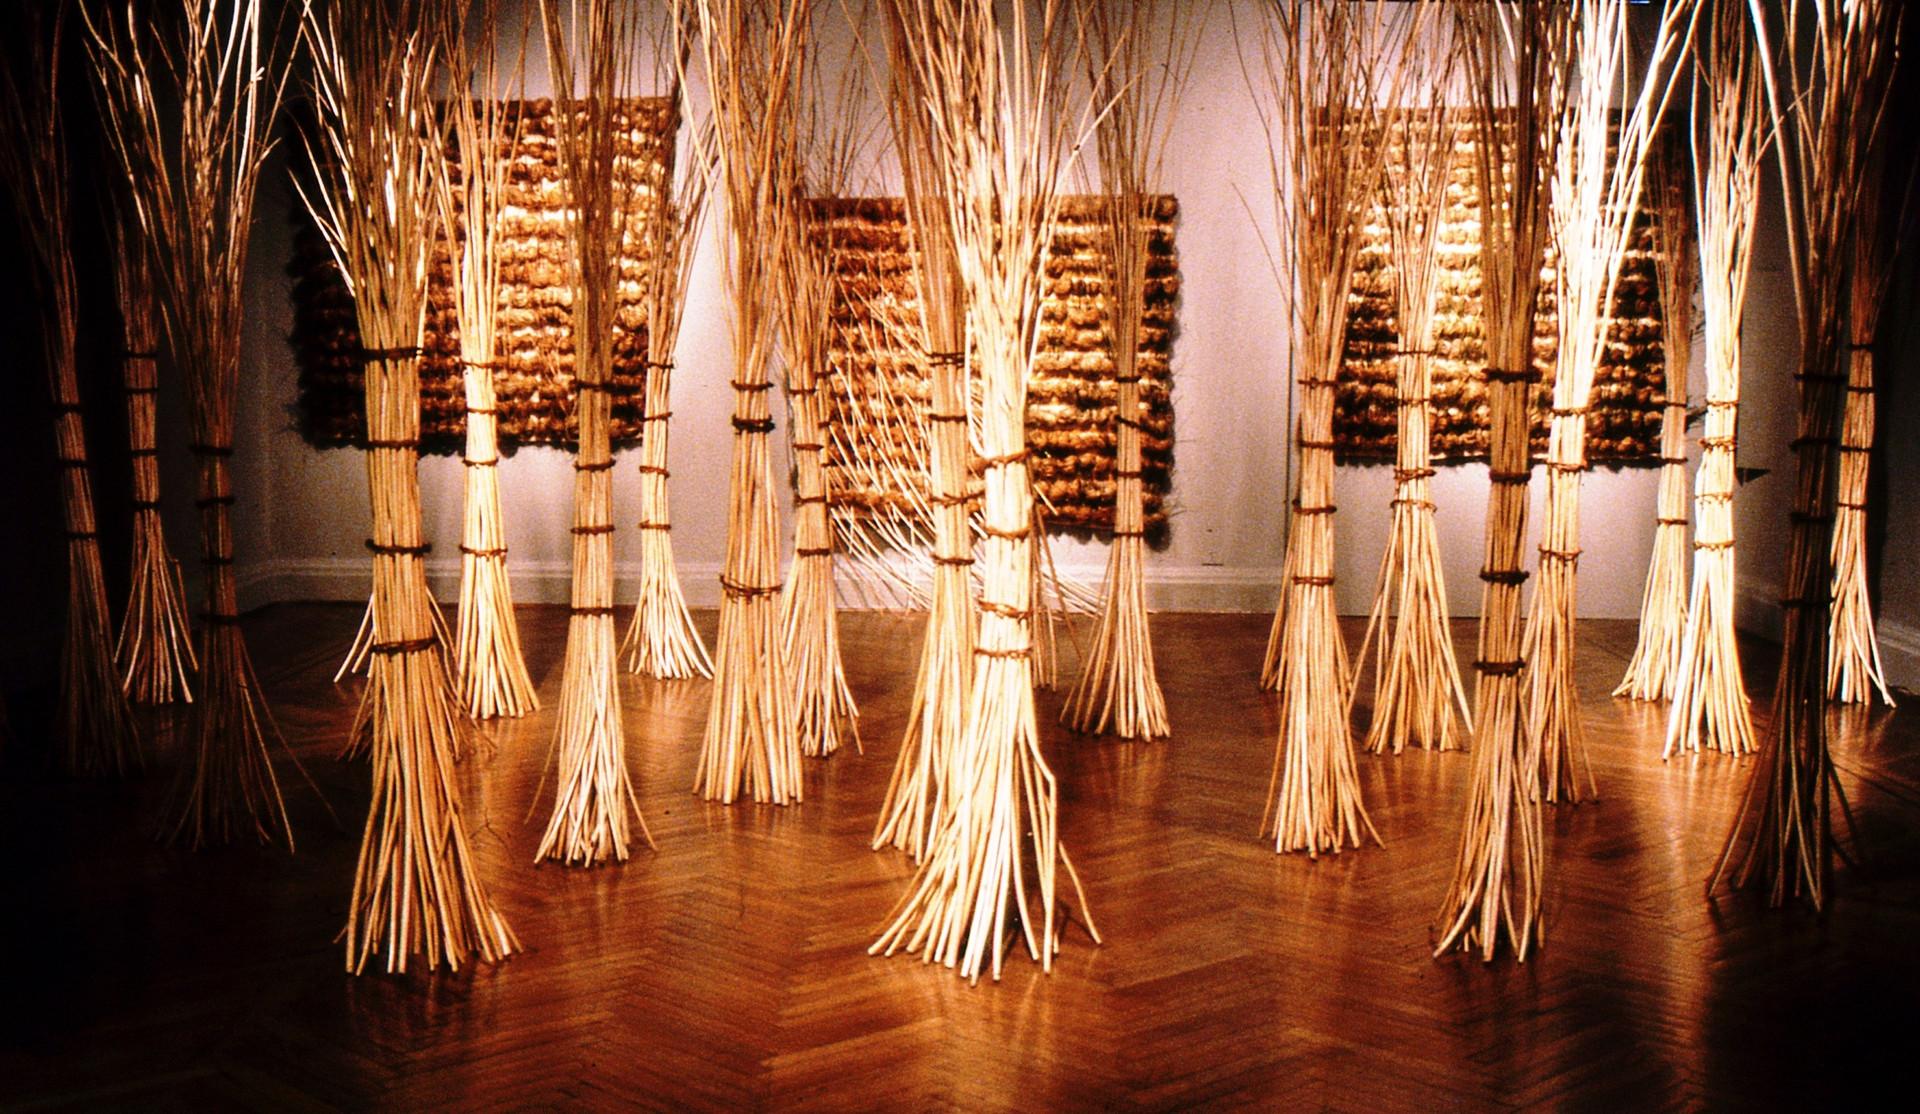 Ciclo vital. Expuesta en el Museo Nacional de Bellas Artes (1996) , Centro Cultural Mapocho (1997) y Trienal de Lödz, Polonia con Mención Honrosa (1998)